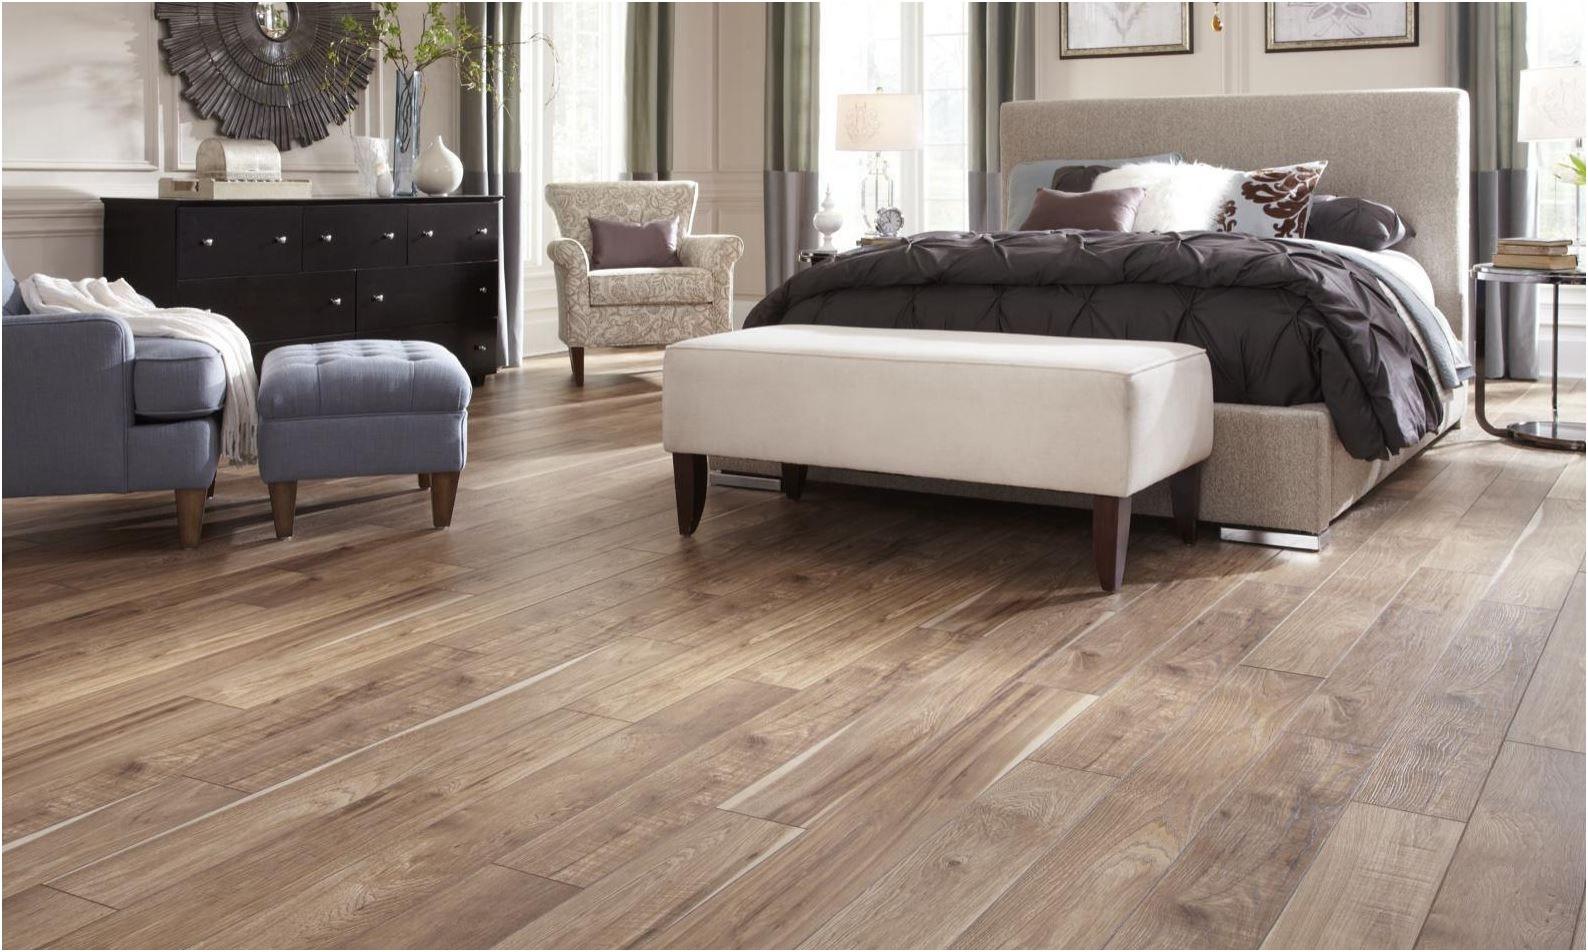 miele vacuum cleaner for hardwood floors of allure vinyl plank flooring reviews flooring design in allure vinyl plank flooring reviews new luxury vinyl plank flooring that looks like wood of allure